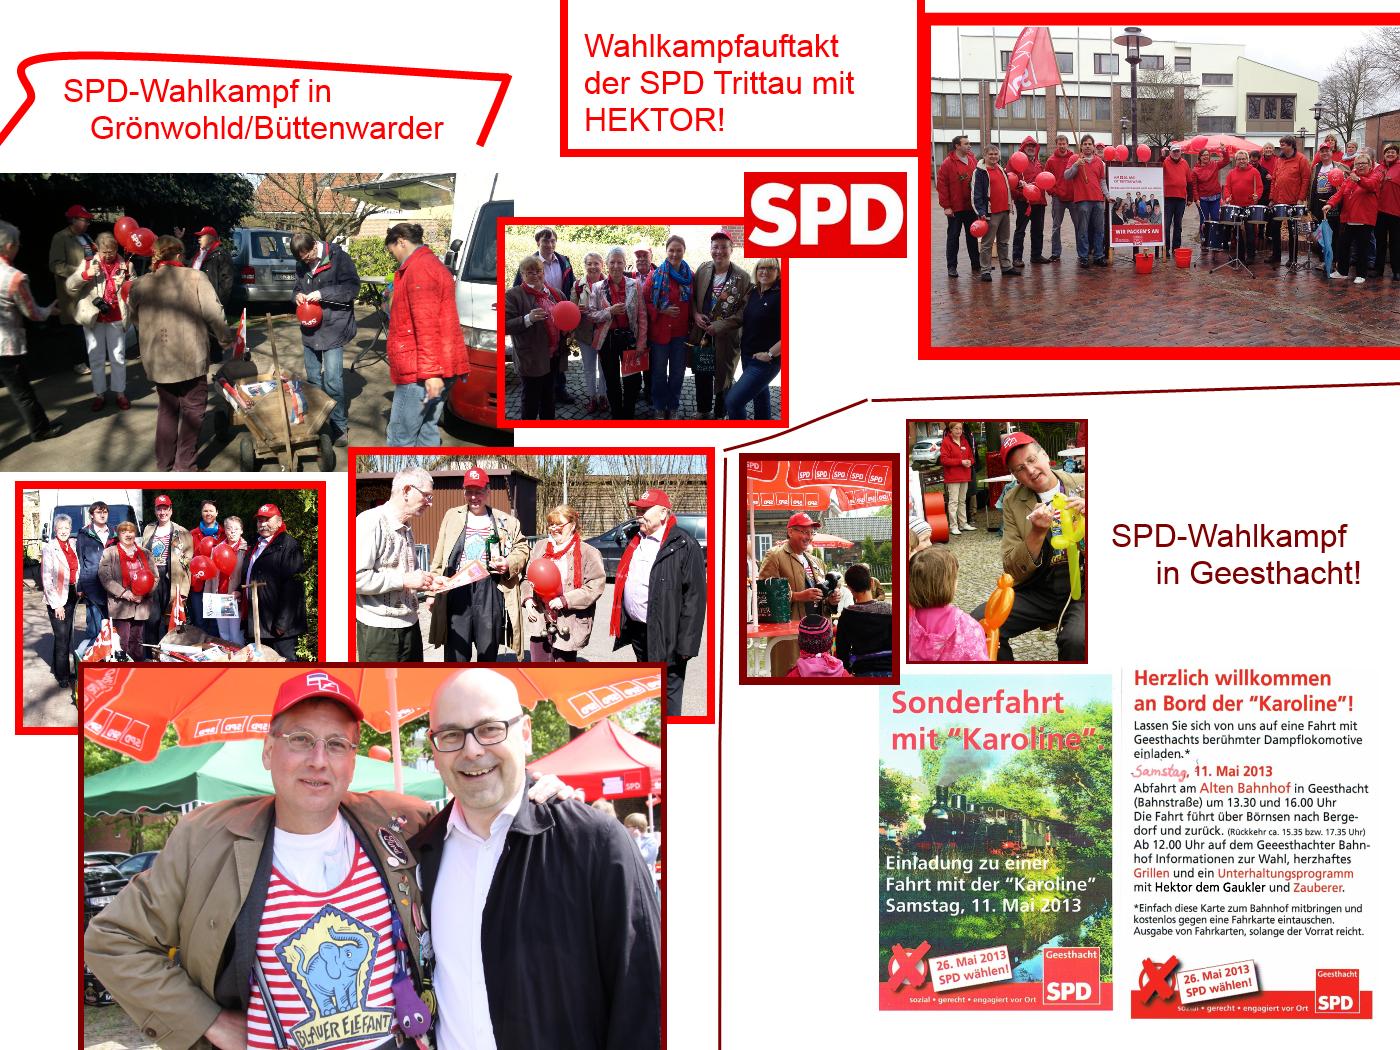 SPD-Wahlkampf!!!